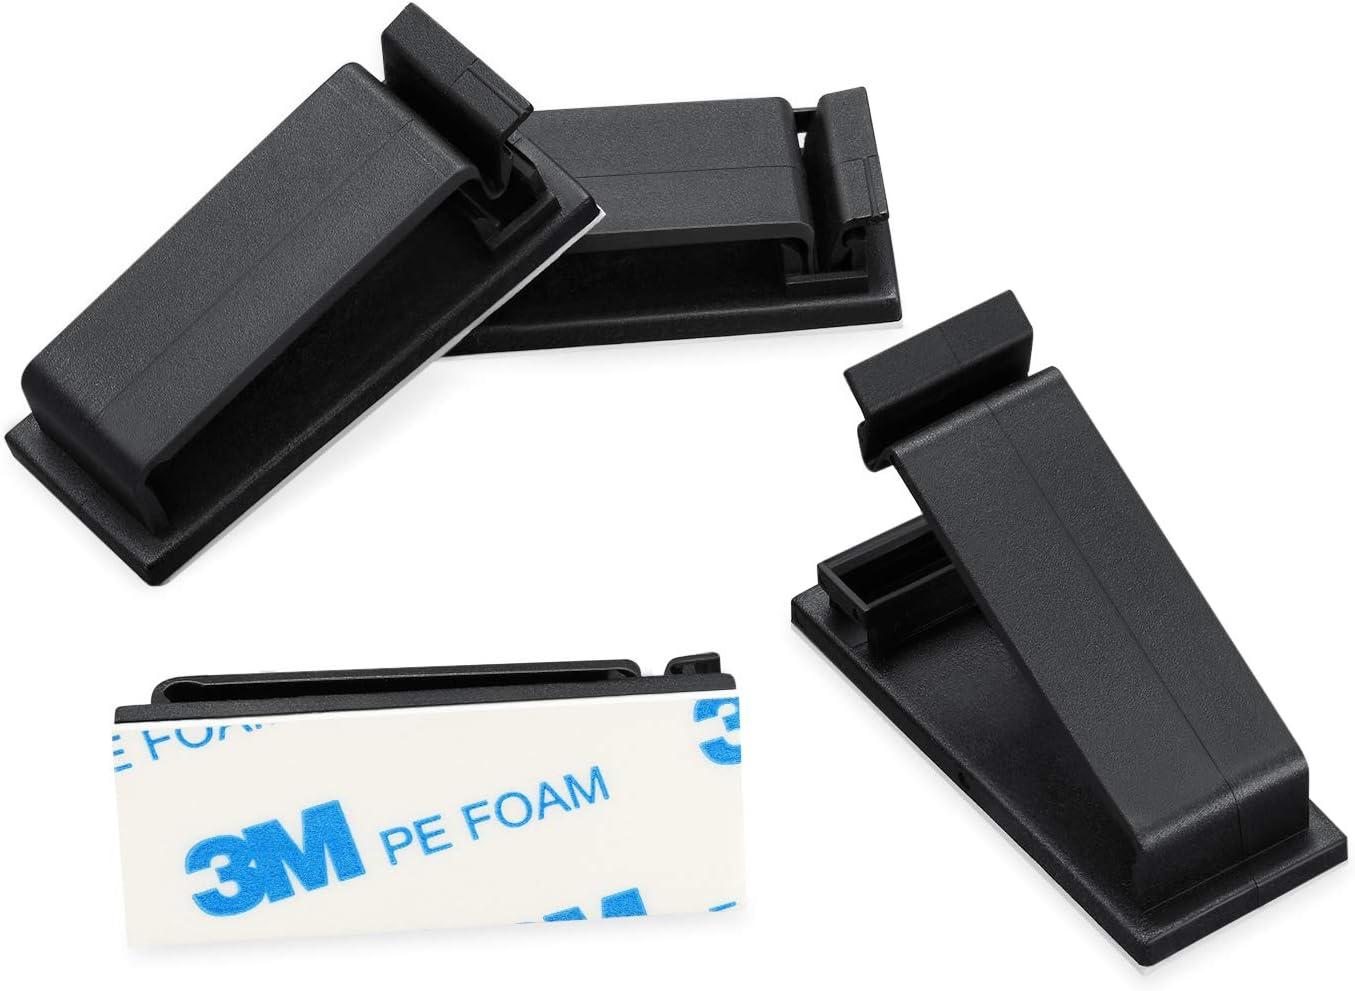 Schreibtisch-Kabelhalter Kabel-Clips selbstklebende Kabel-Management-Klemmen Versteck 50 St/ück 5,3 x 1,9 x 0,7 cm//schwarz Ikerall Kabel-Organizer